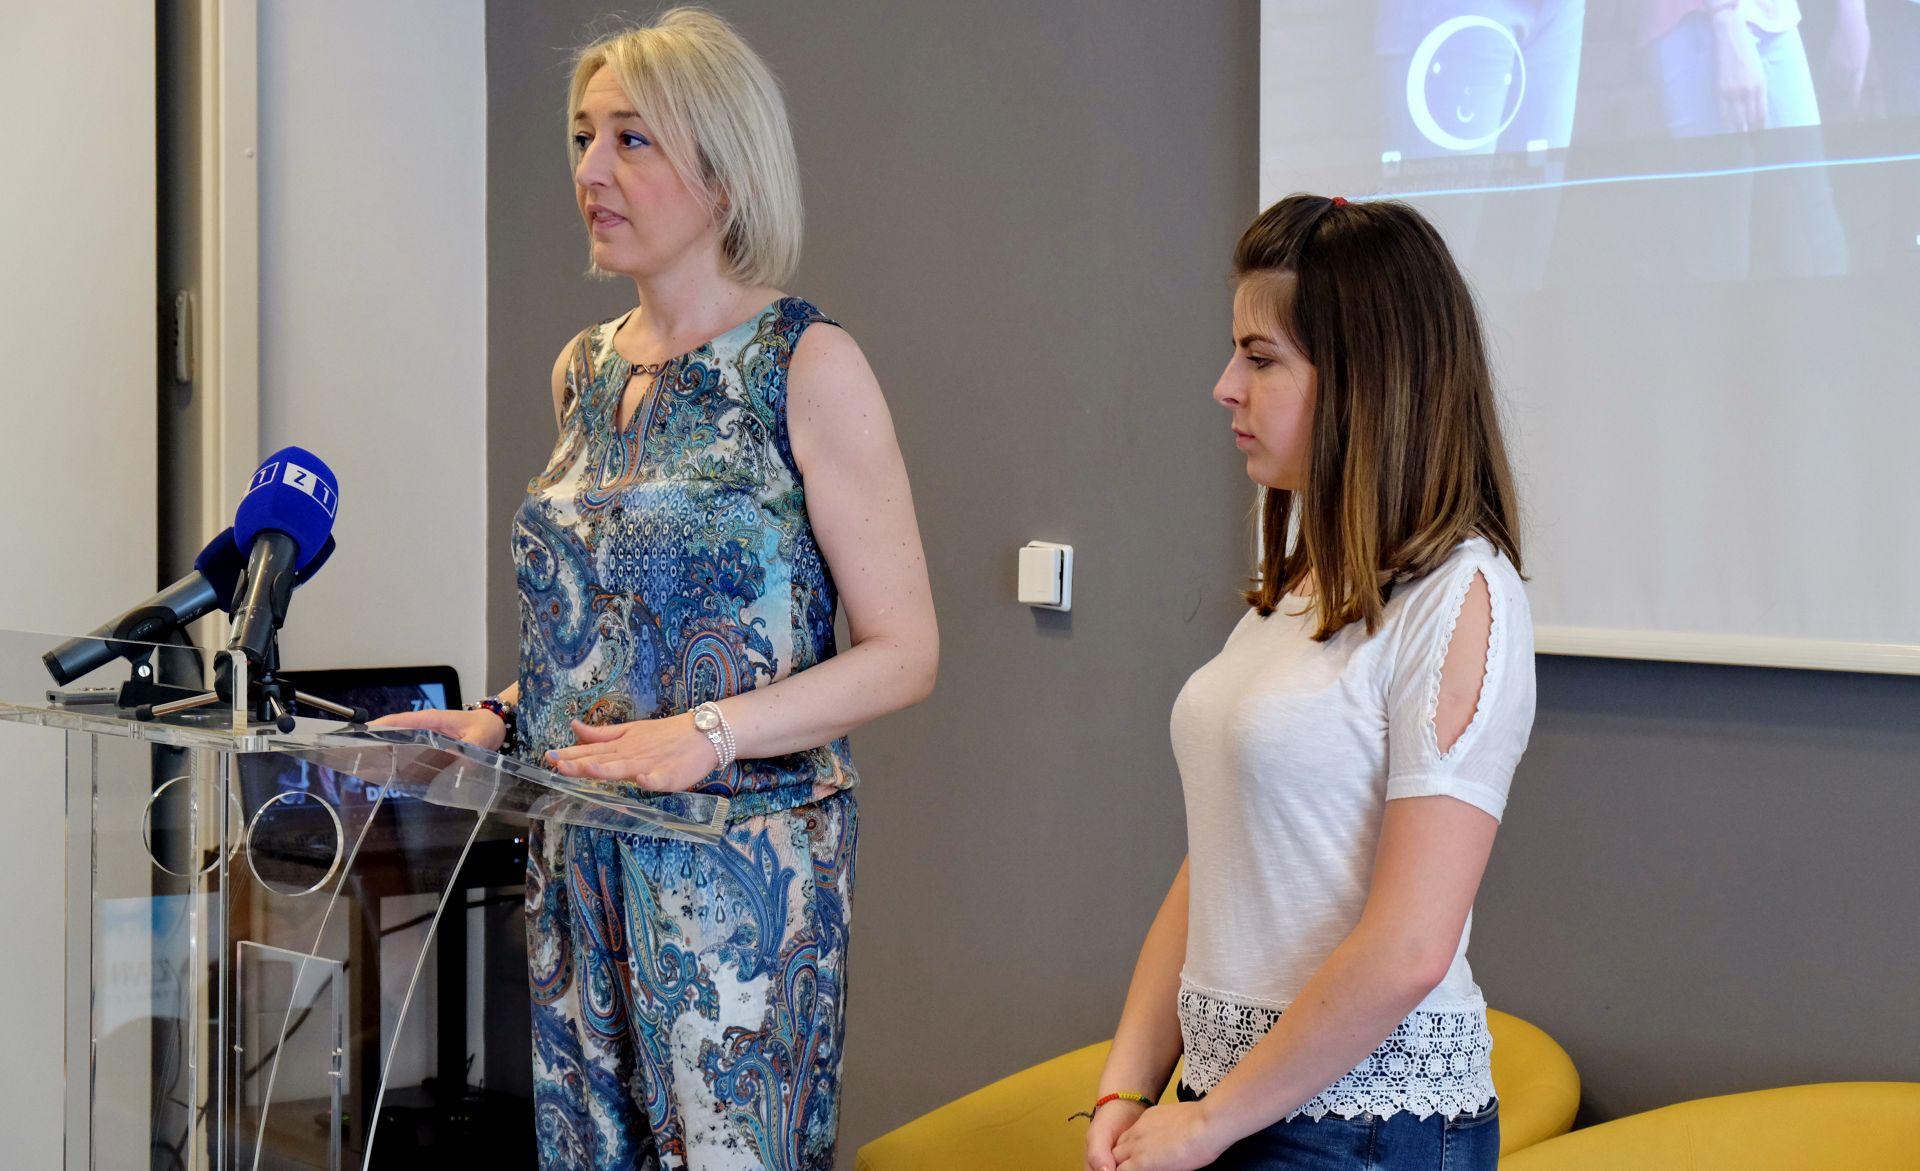 Milas Klarić poziva djecu da se prijave za njezine nove savjetnike